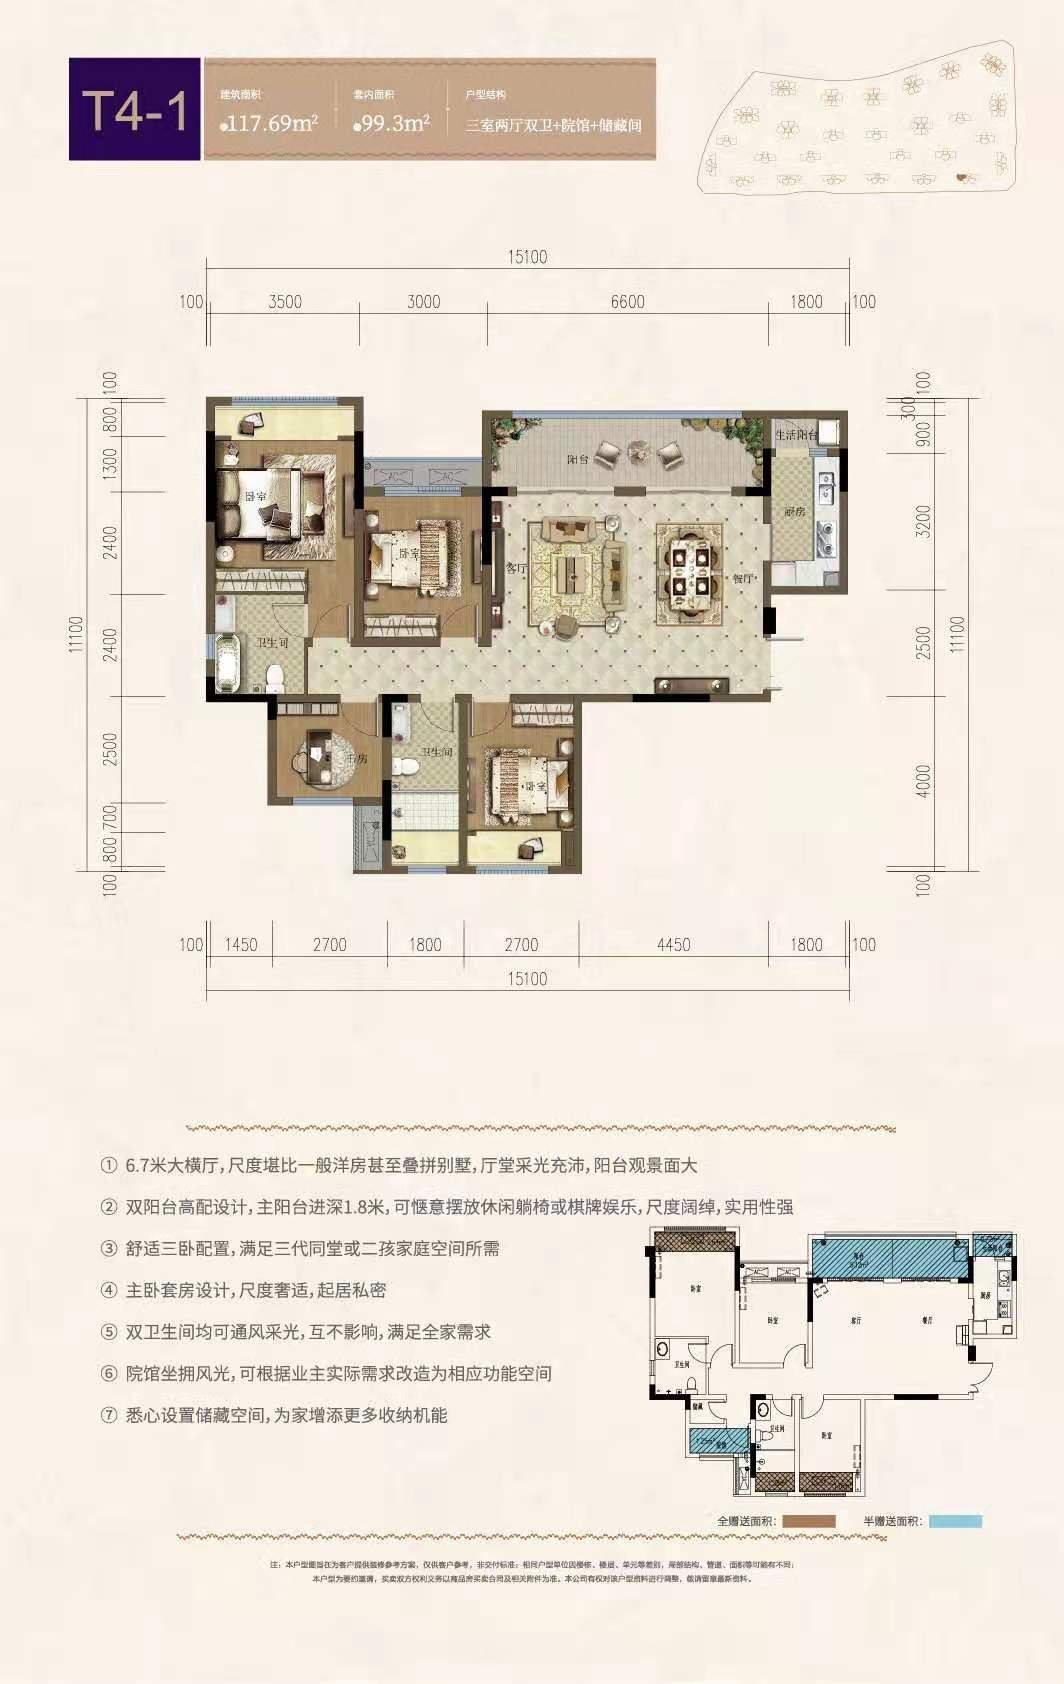 渝北区两路空港中国摩新房T4-1户型图